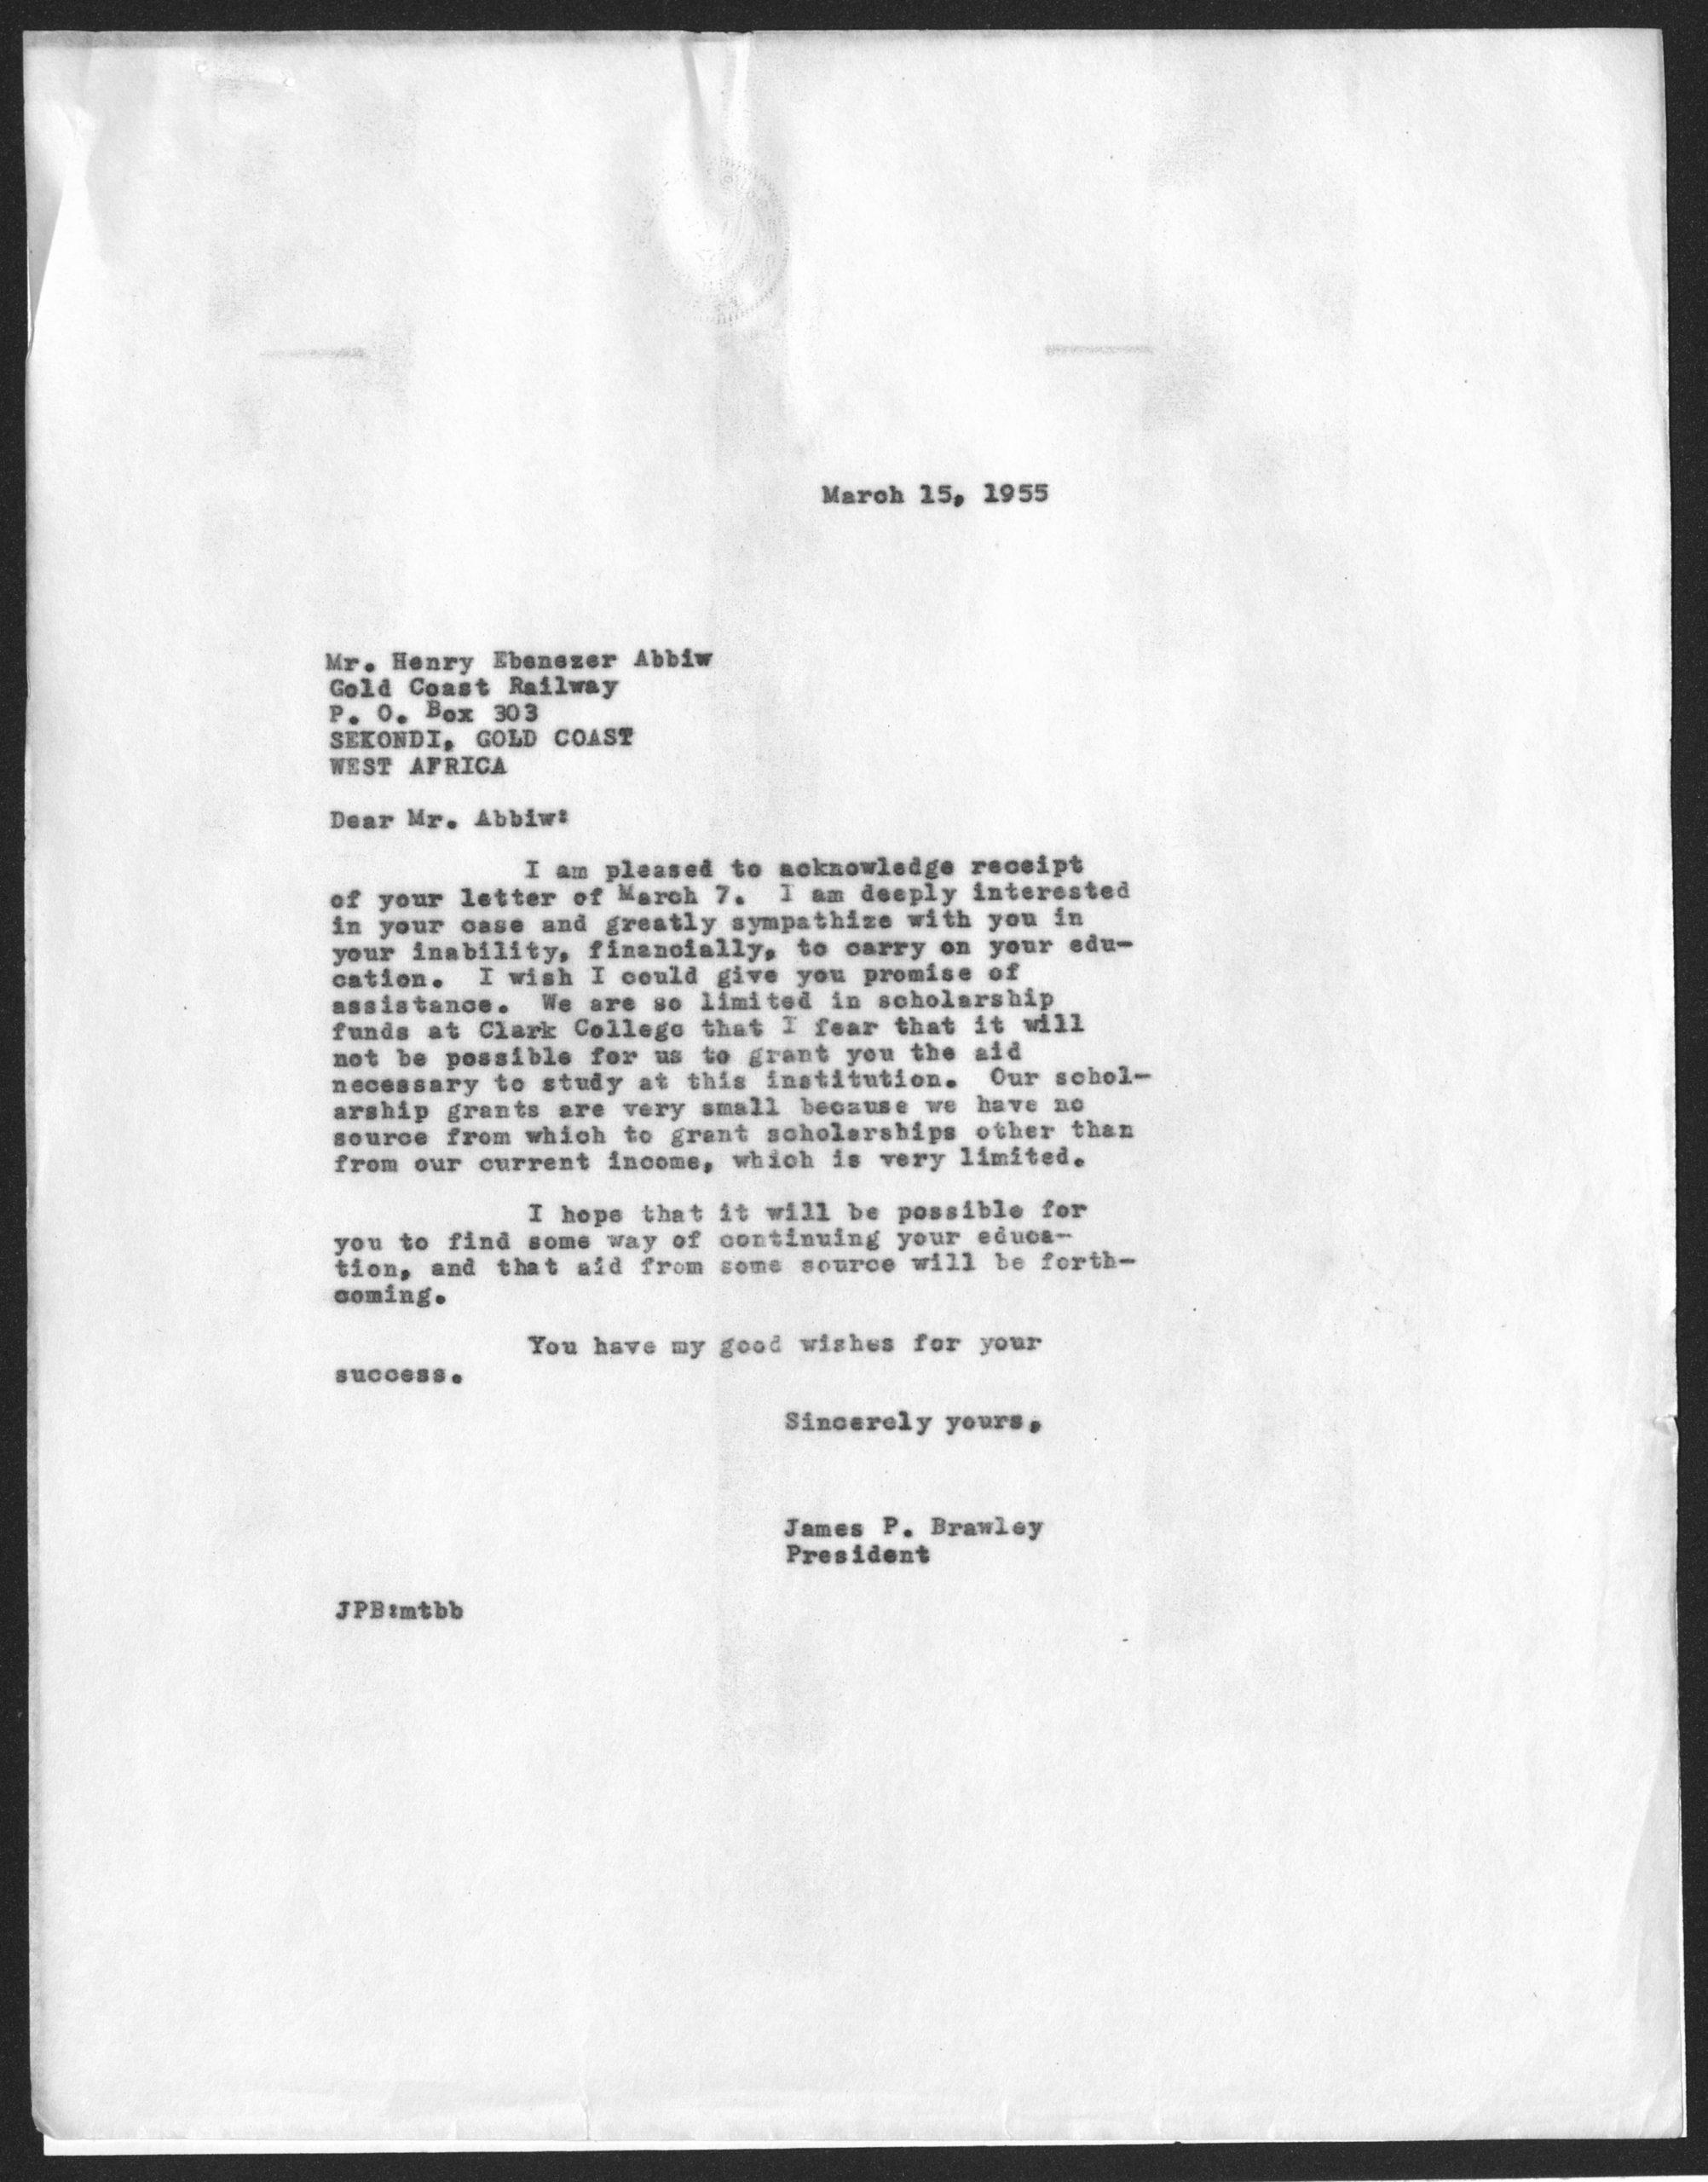 James P. Brawley1955 March 15 O9 James P. Brawley collection